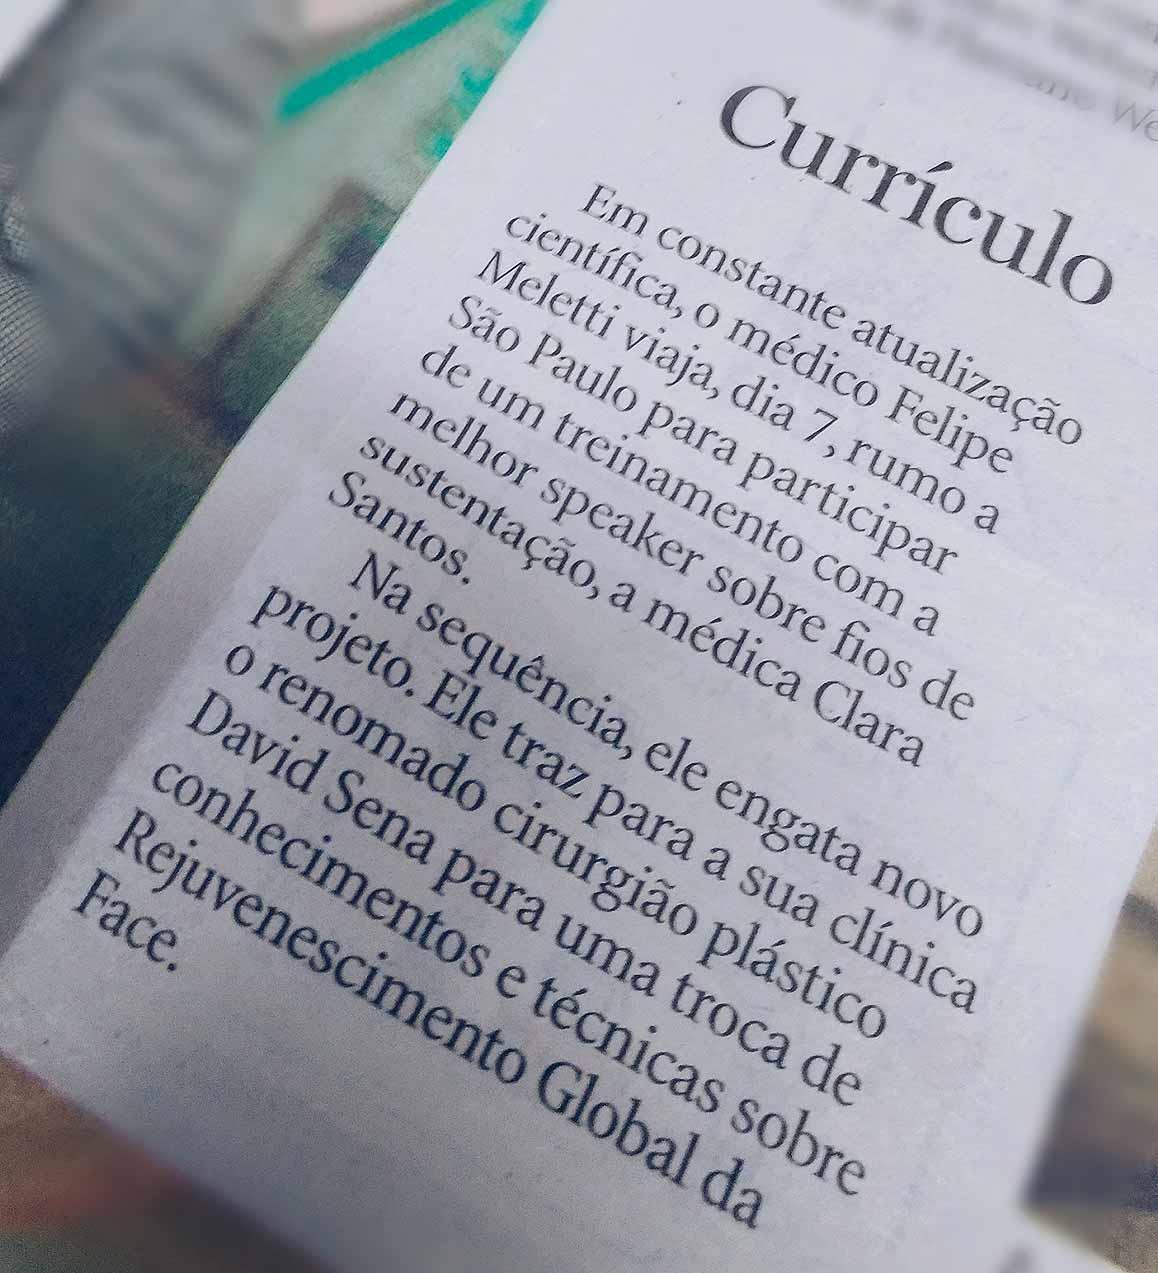 A imagem mostra uma nota de jornal que fala sobre o Dr. Felipe Meletti.